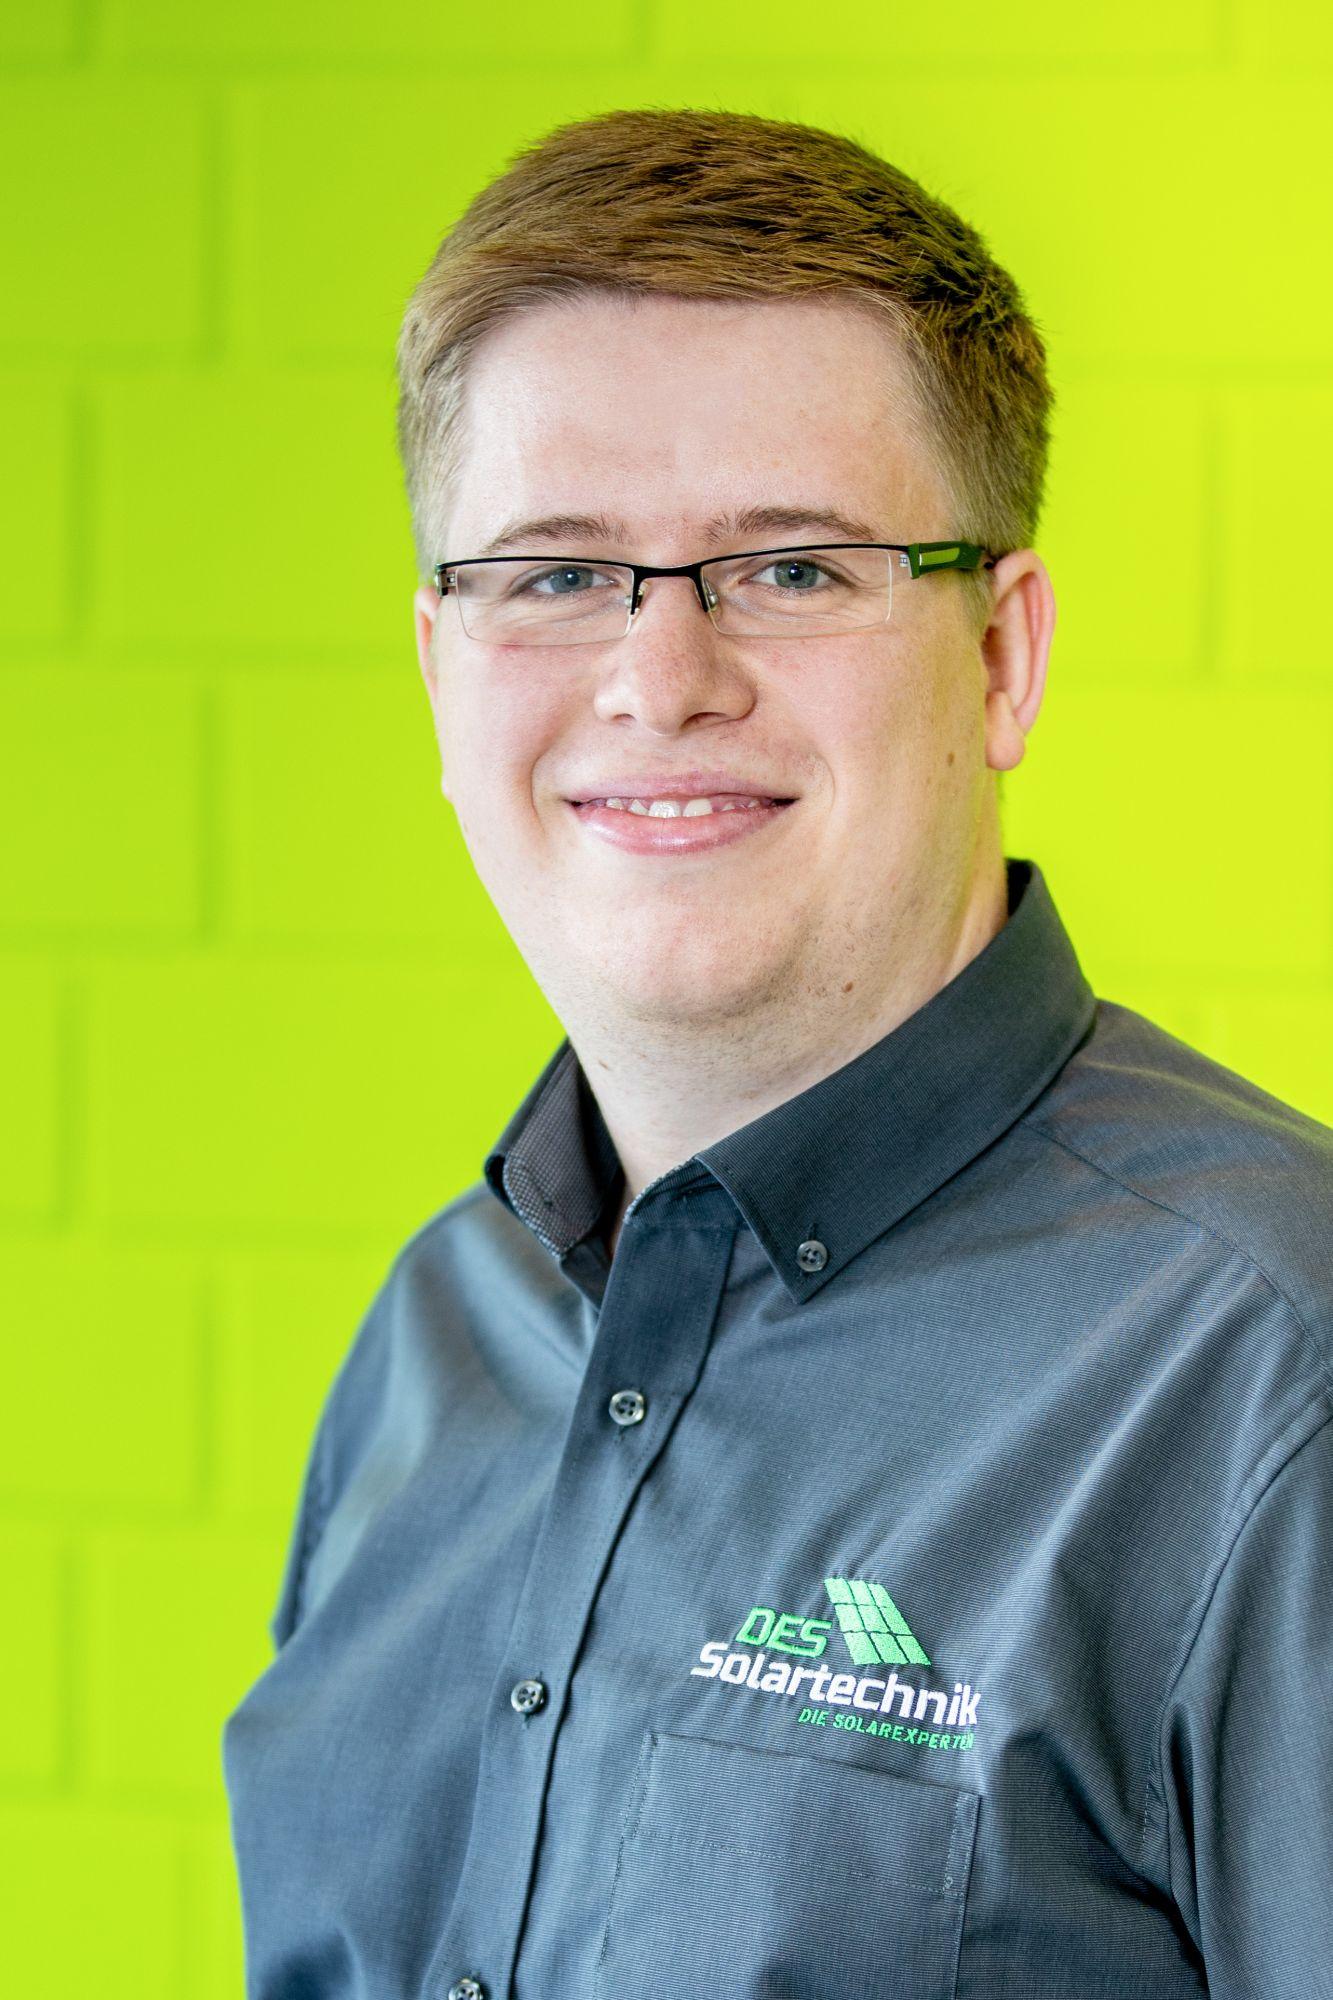 Denis Wunsch